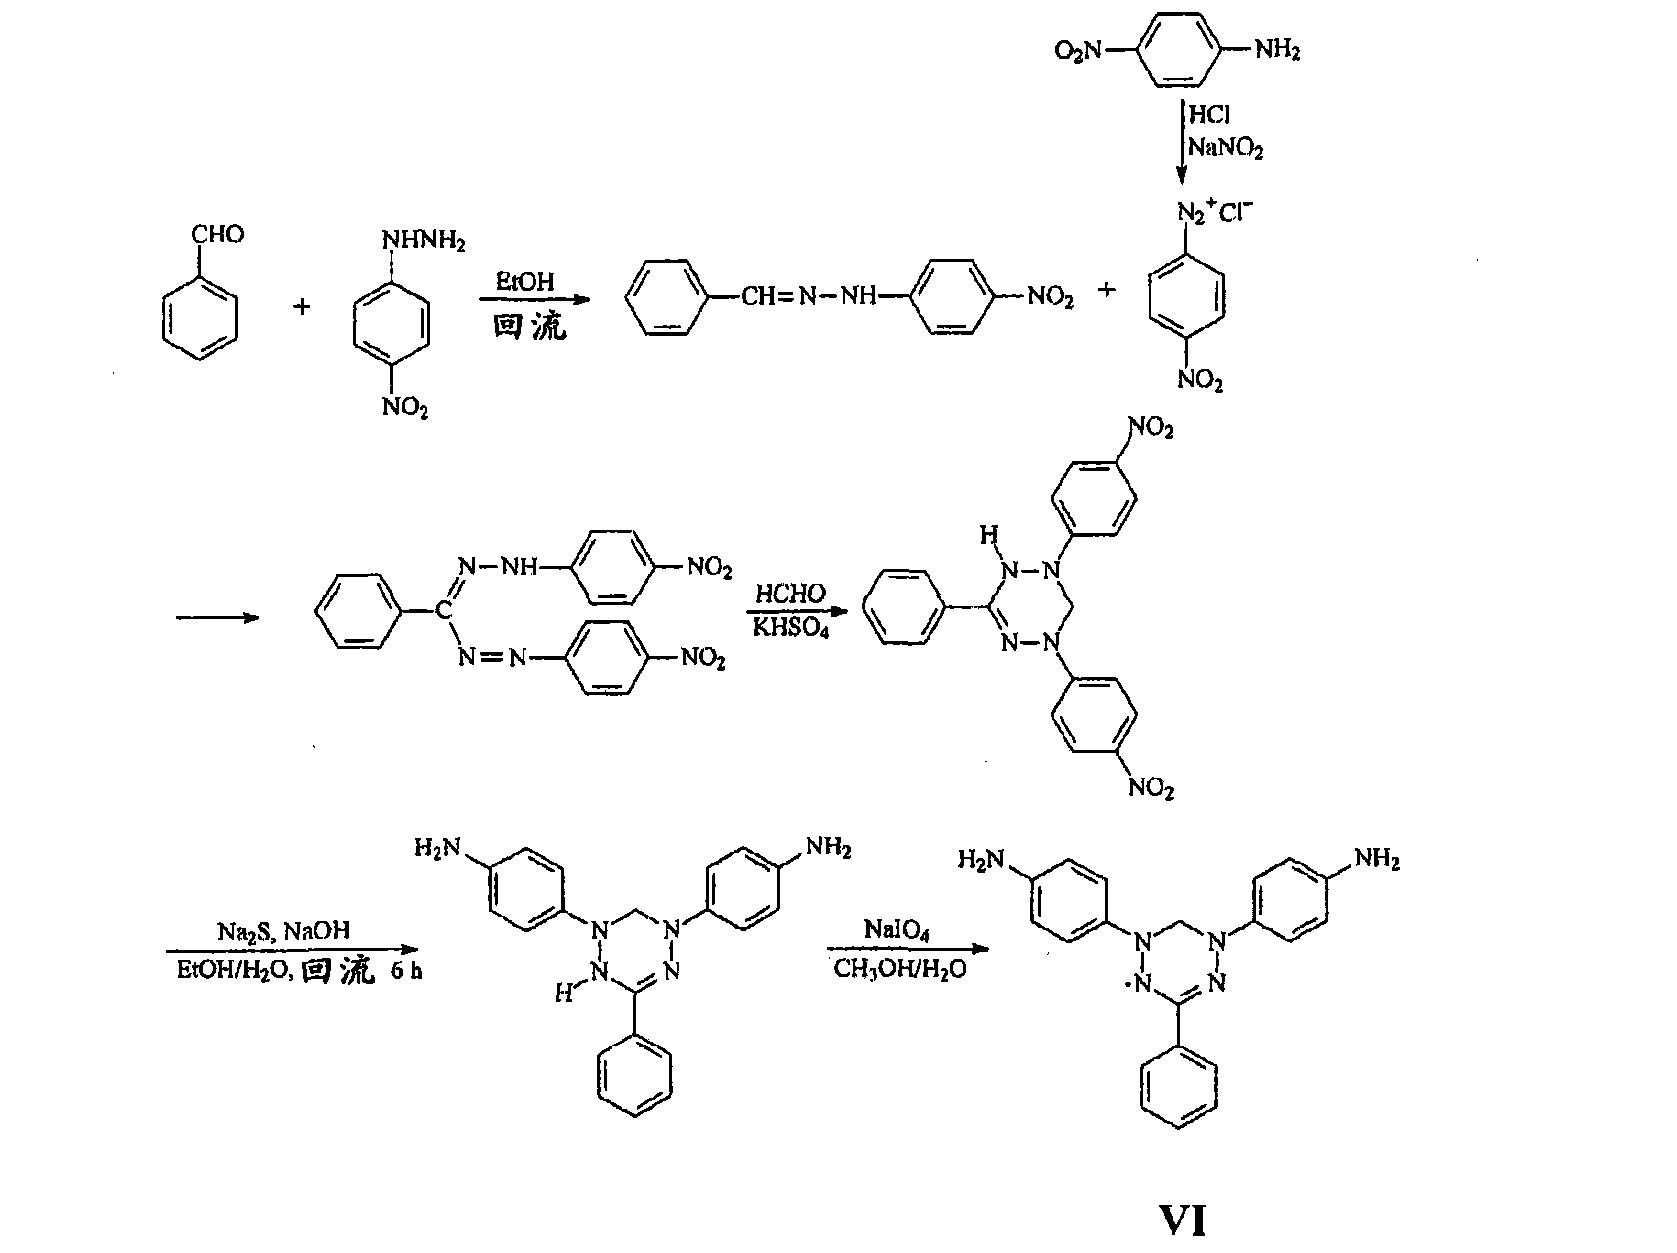 乙炔分子的结构示意图